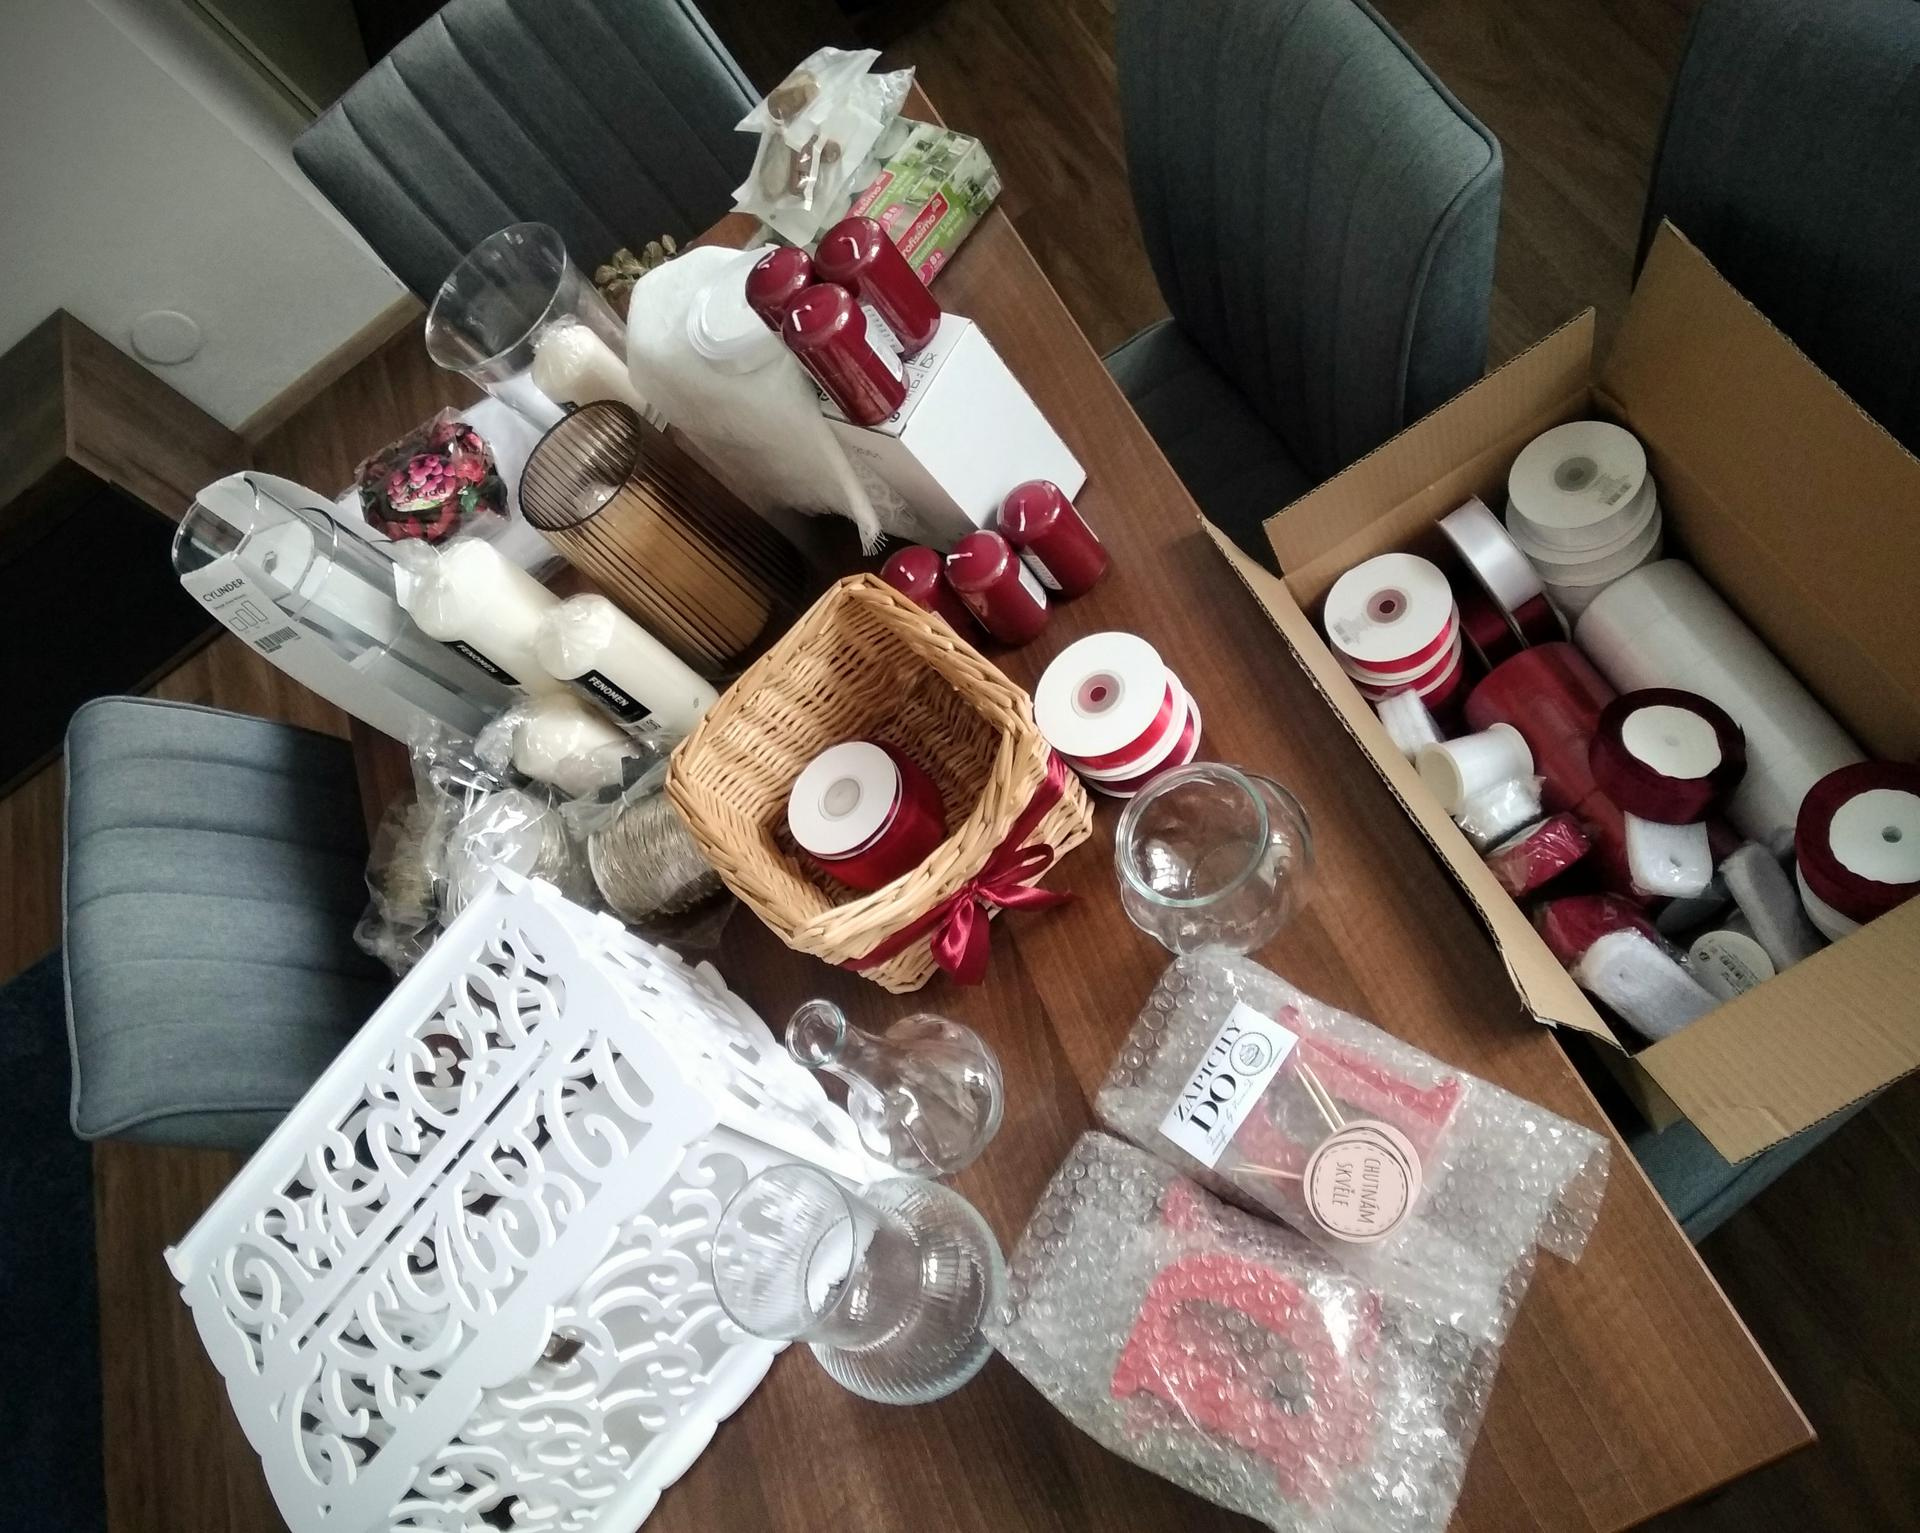 Svatební přípravy - Příprava svatebních dekorací vrcholí 😁  PS: Po svatbě budu prodávat většinu věcí a 2x 200m světelné řetězy 🙂